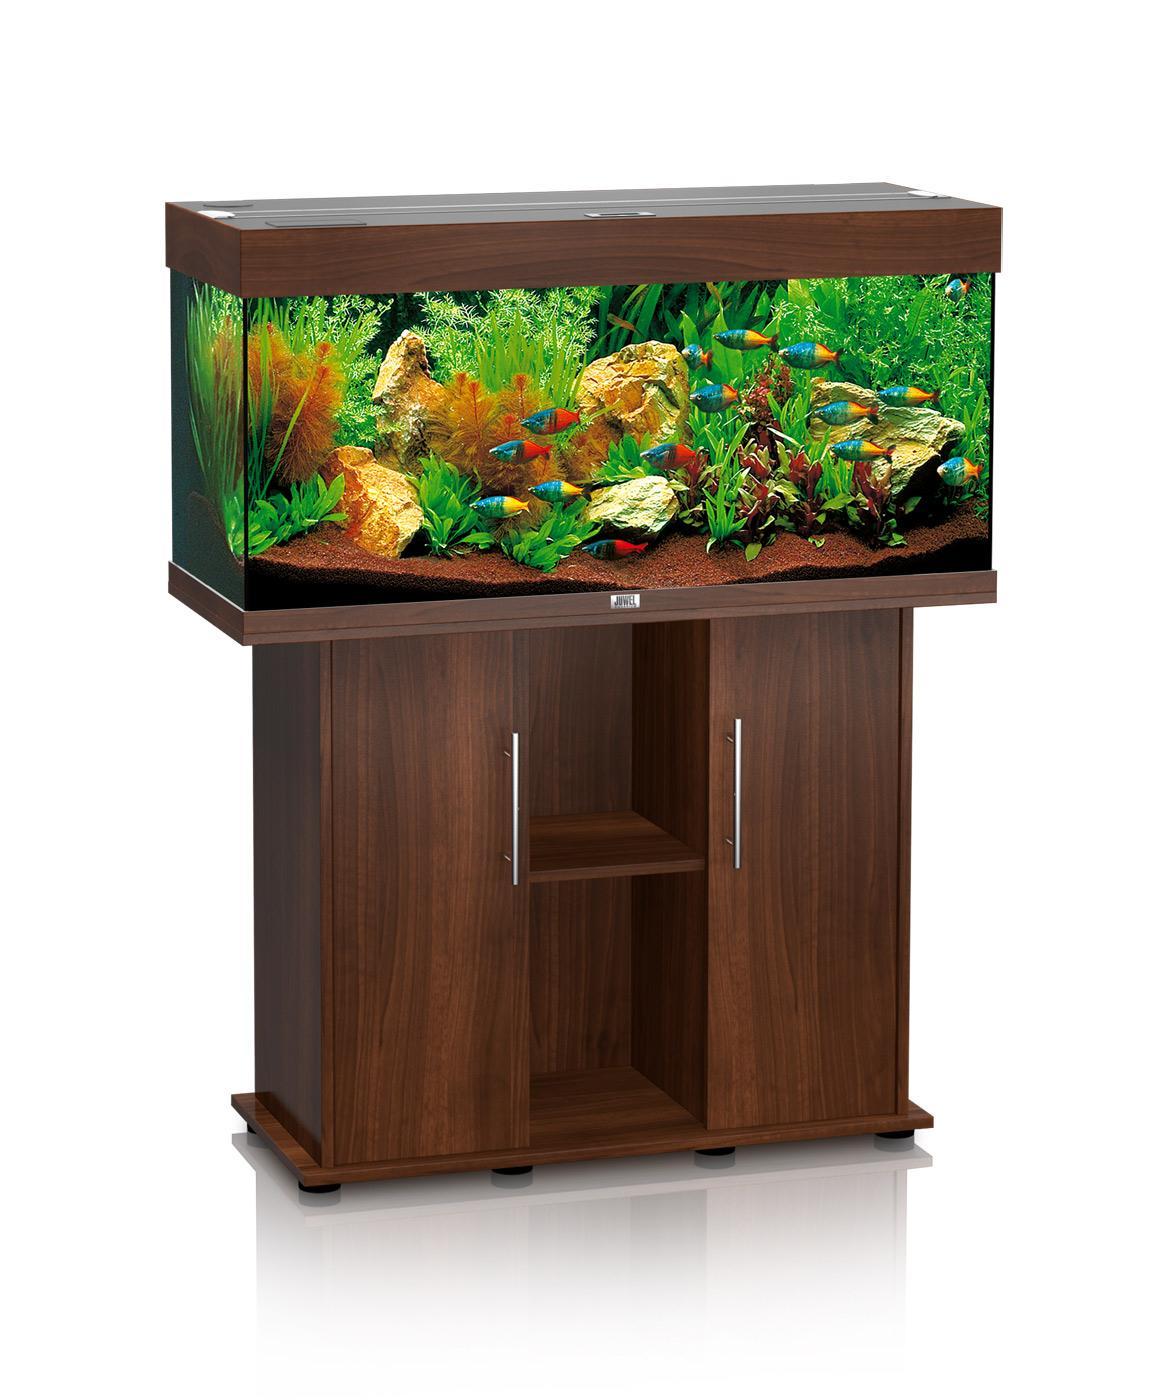 Supporto acquario juwel rio 180 lt colore darkwood re for Mobile per acquario